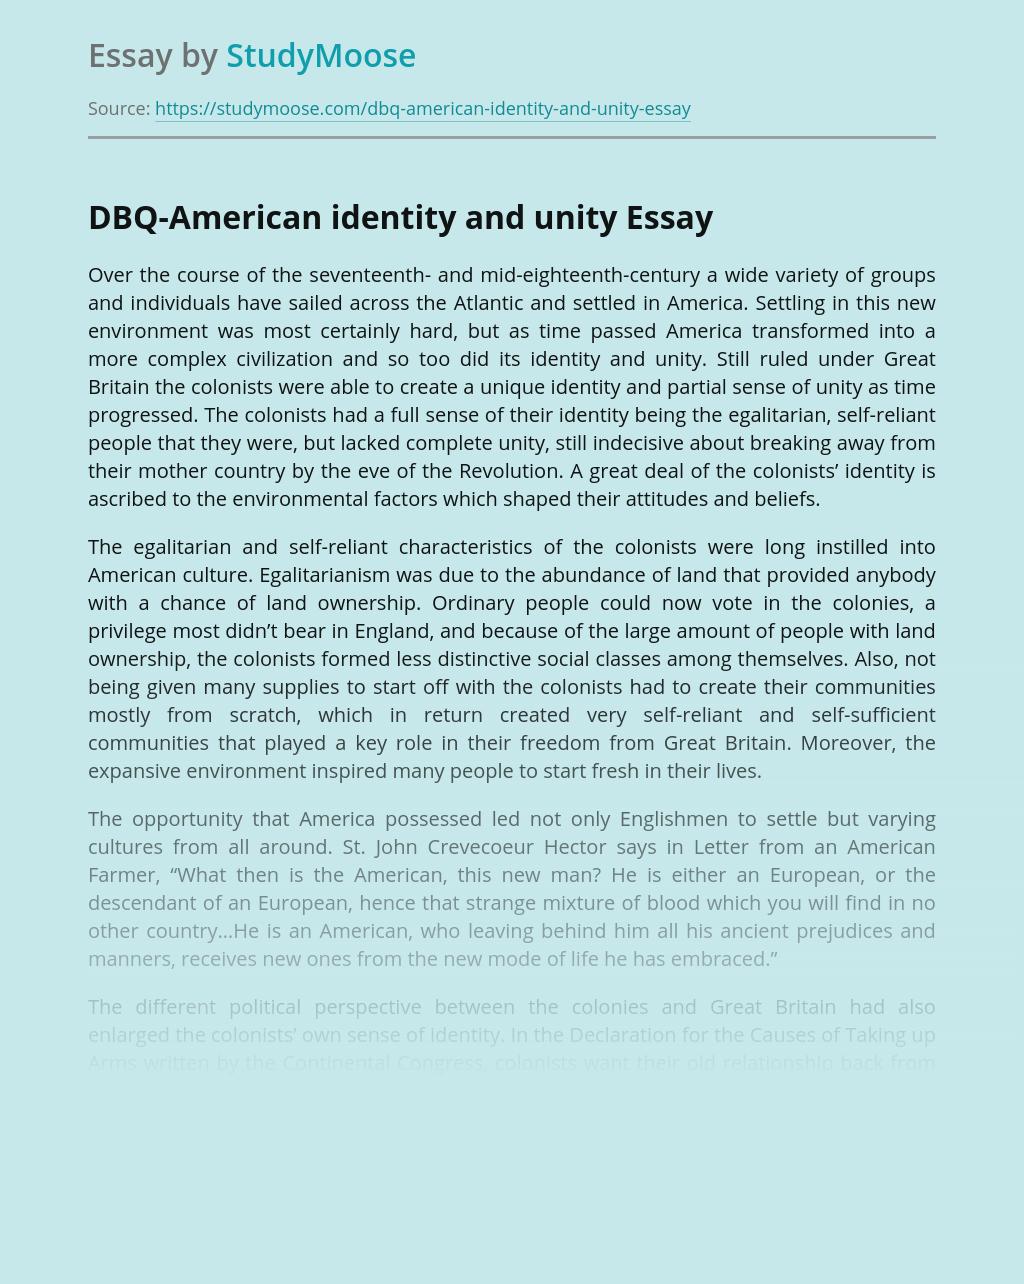 DBQ-American identity and unity